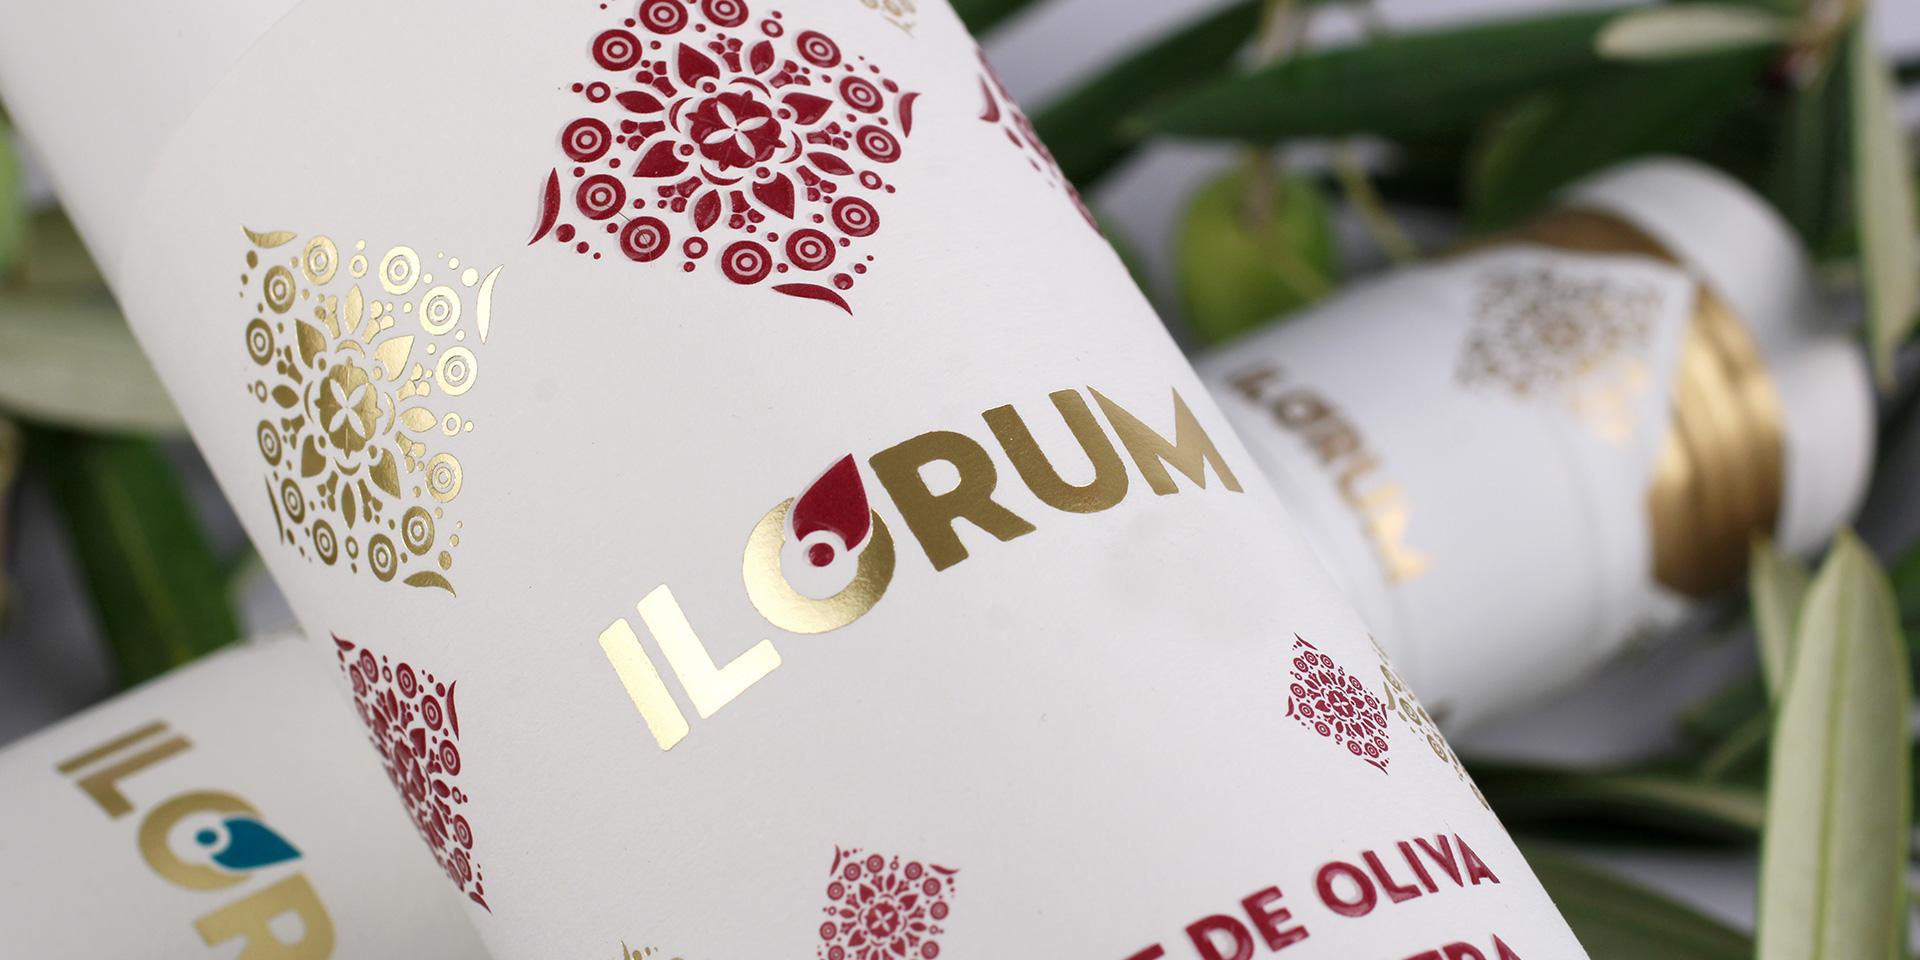 Ilorum